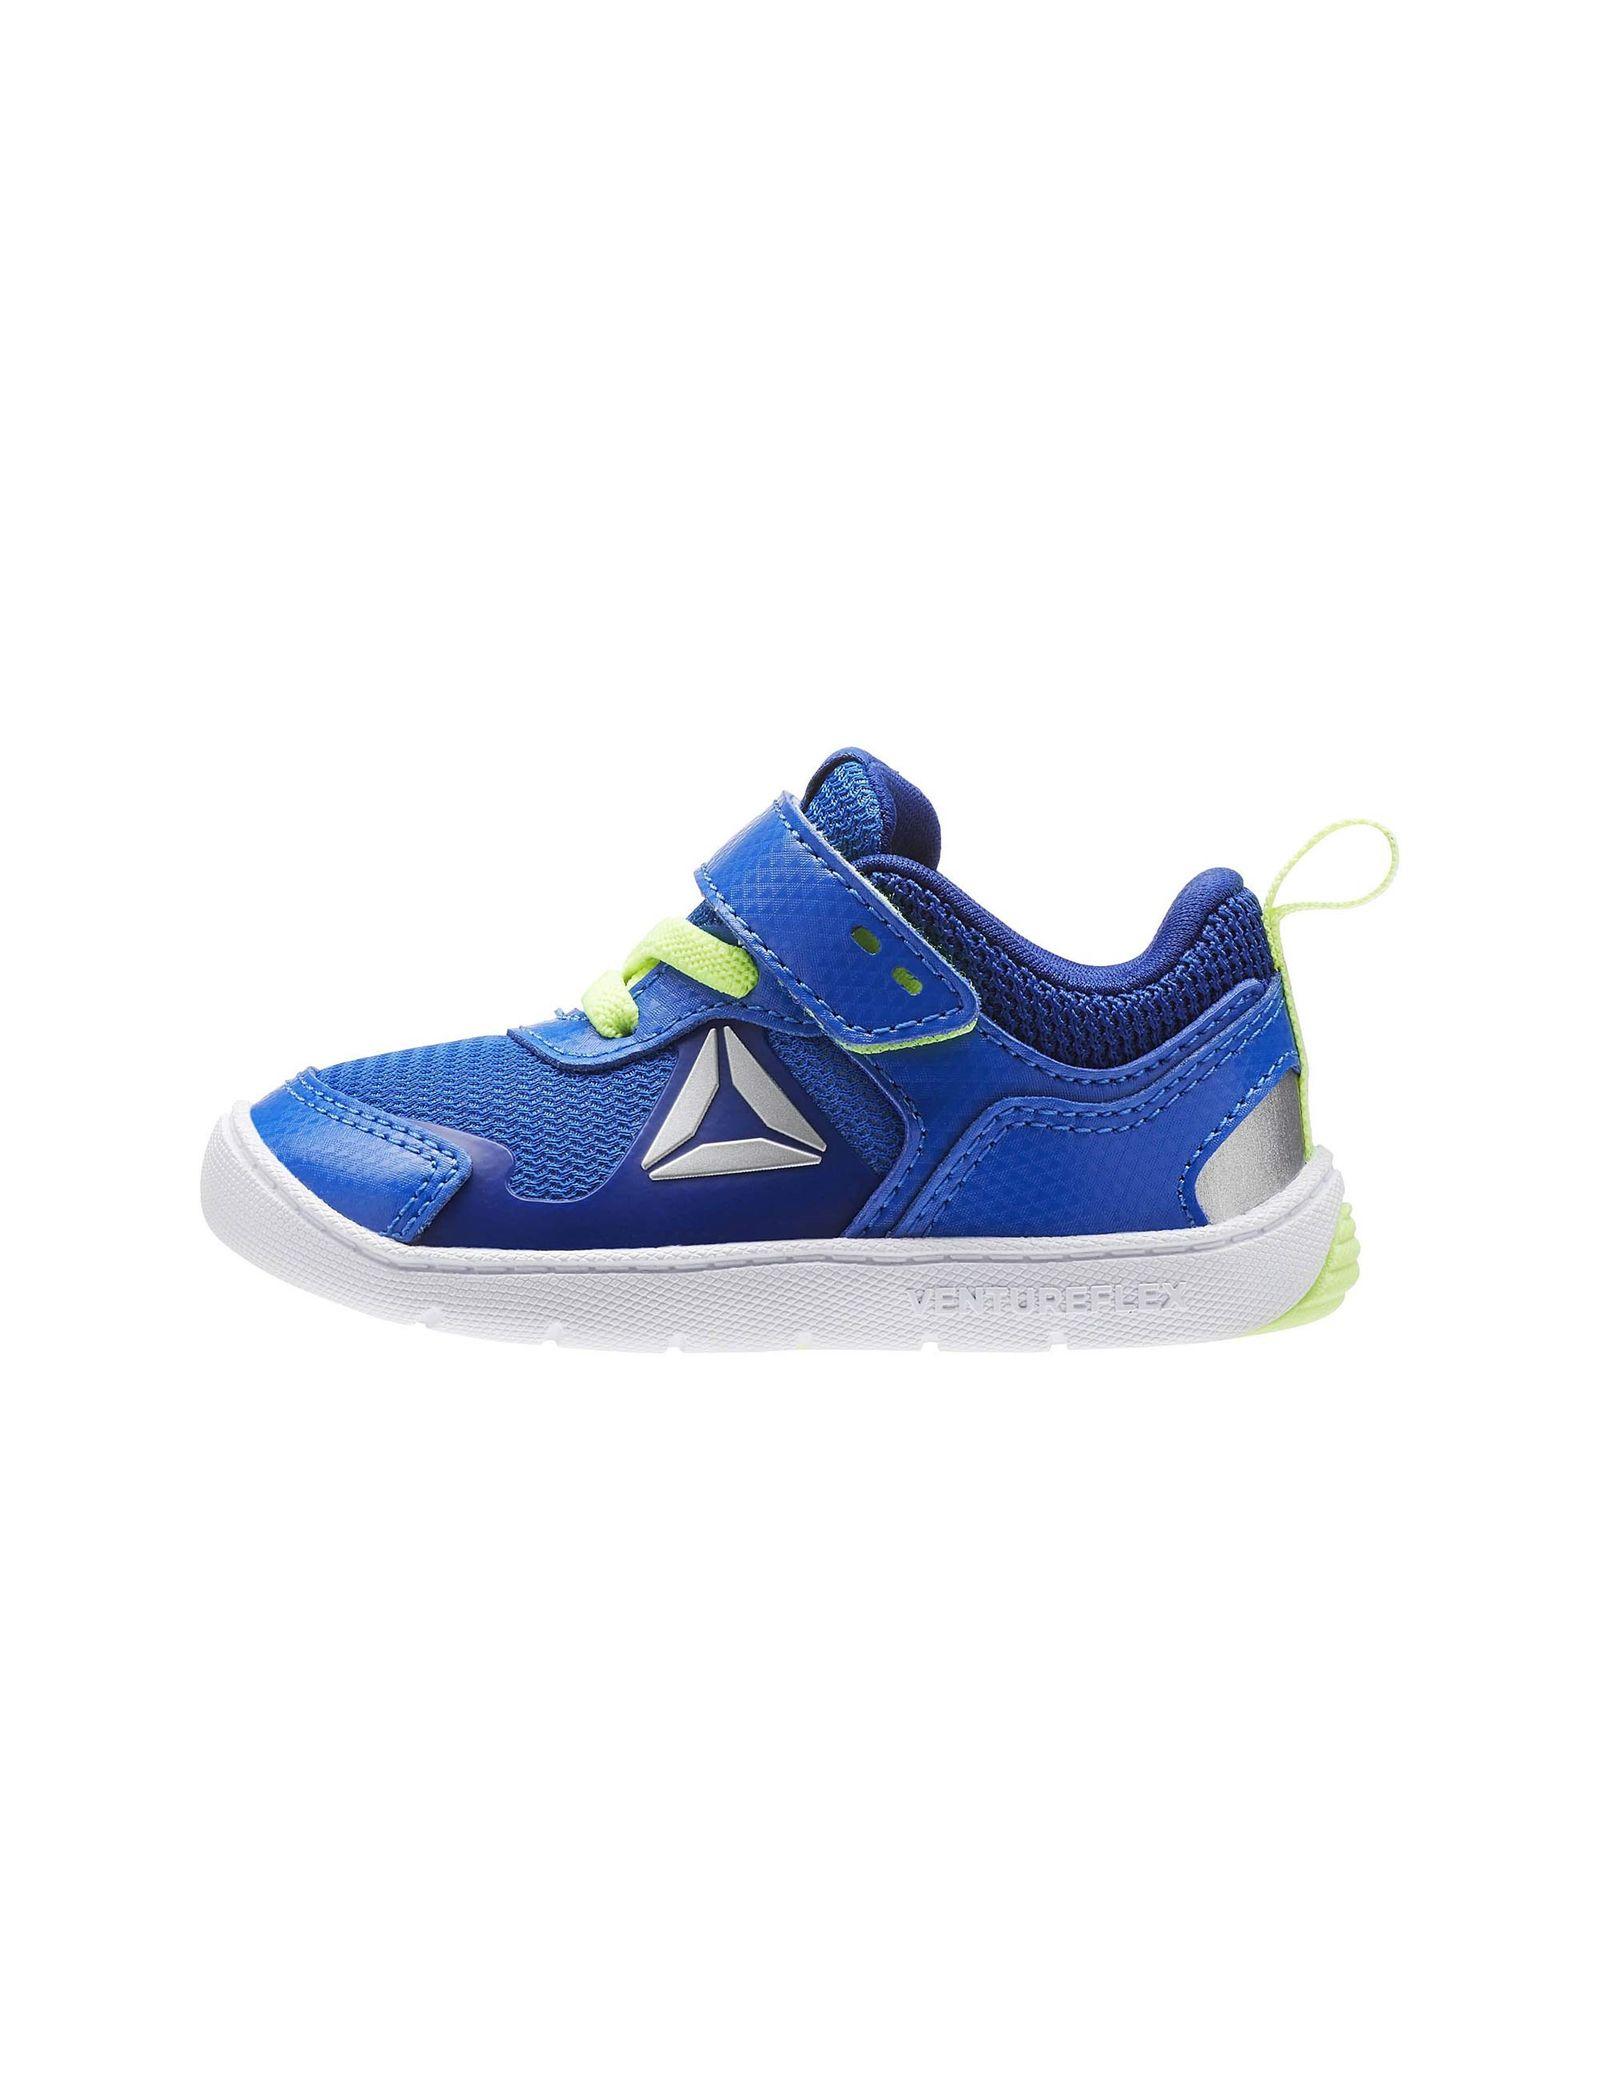 کفش دویدن چسبی نوزادی Ventureflex Stride 5-0 - ریباک - آبي - 3